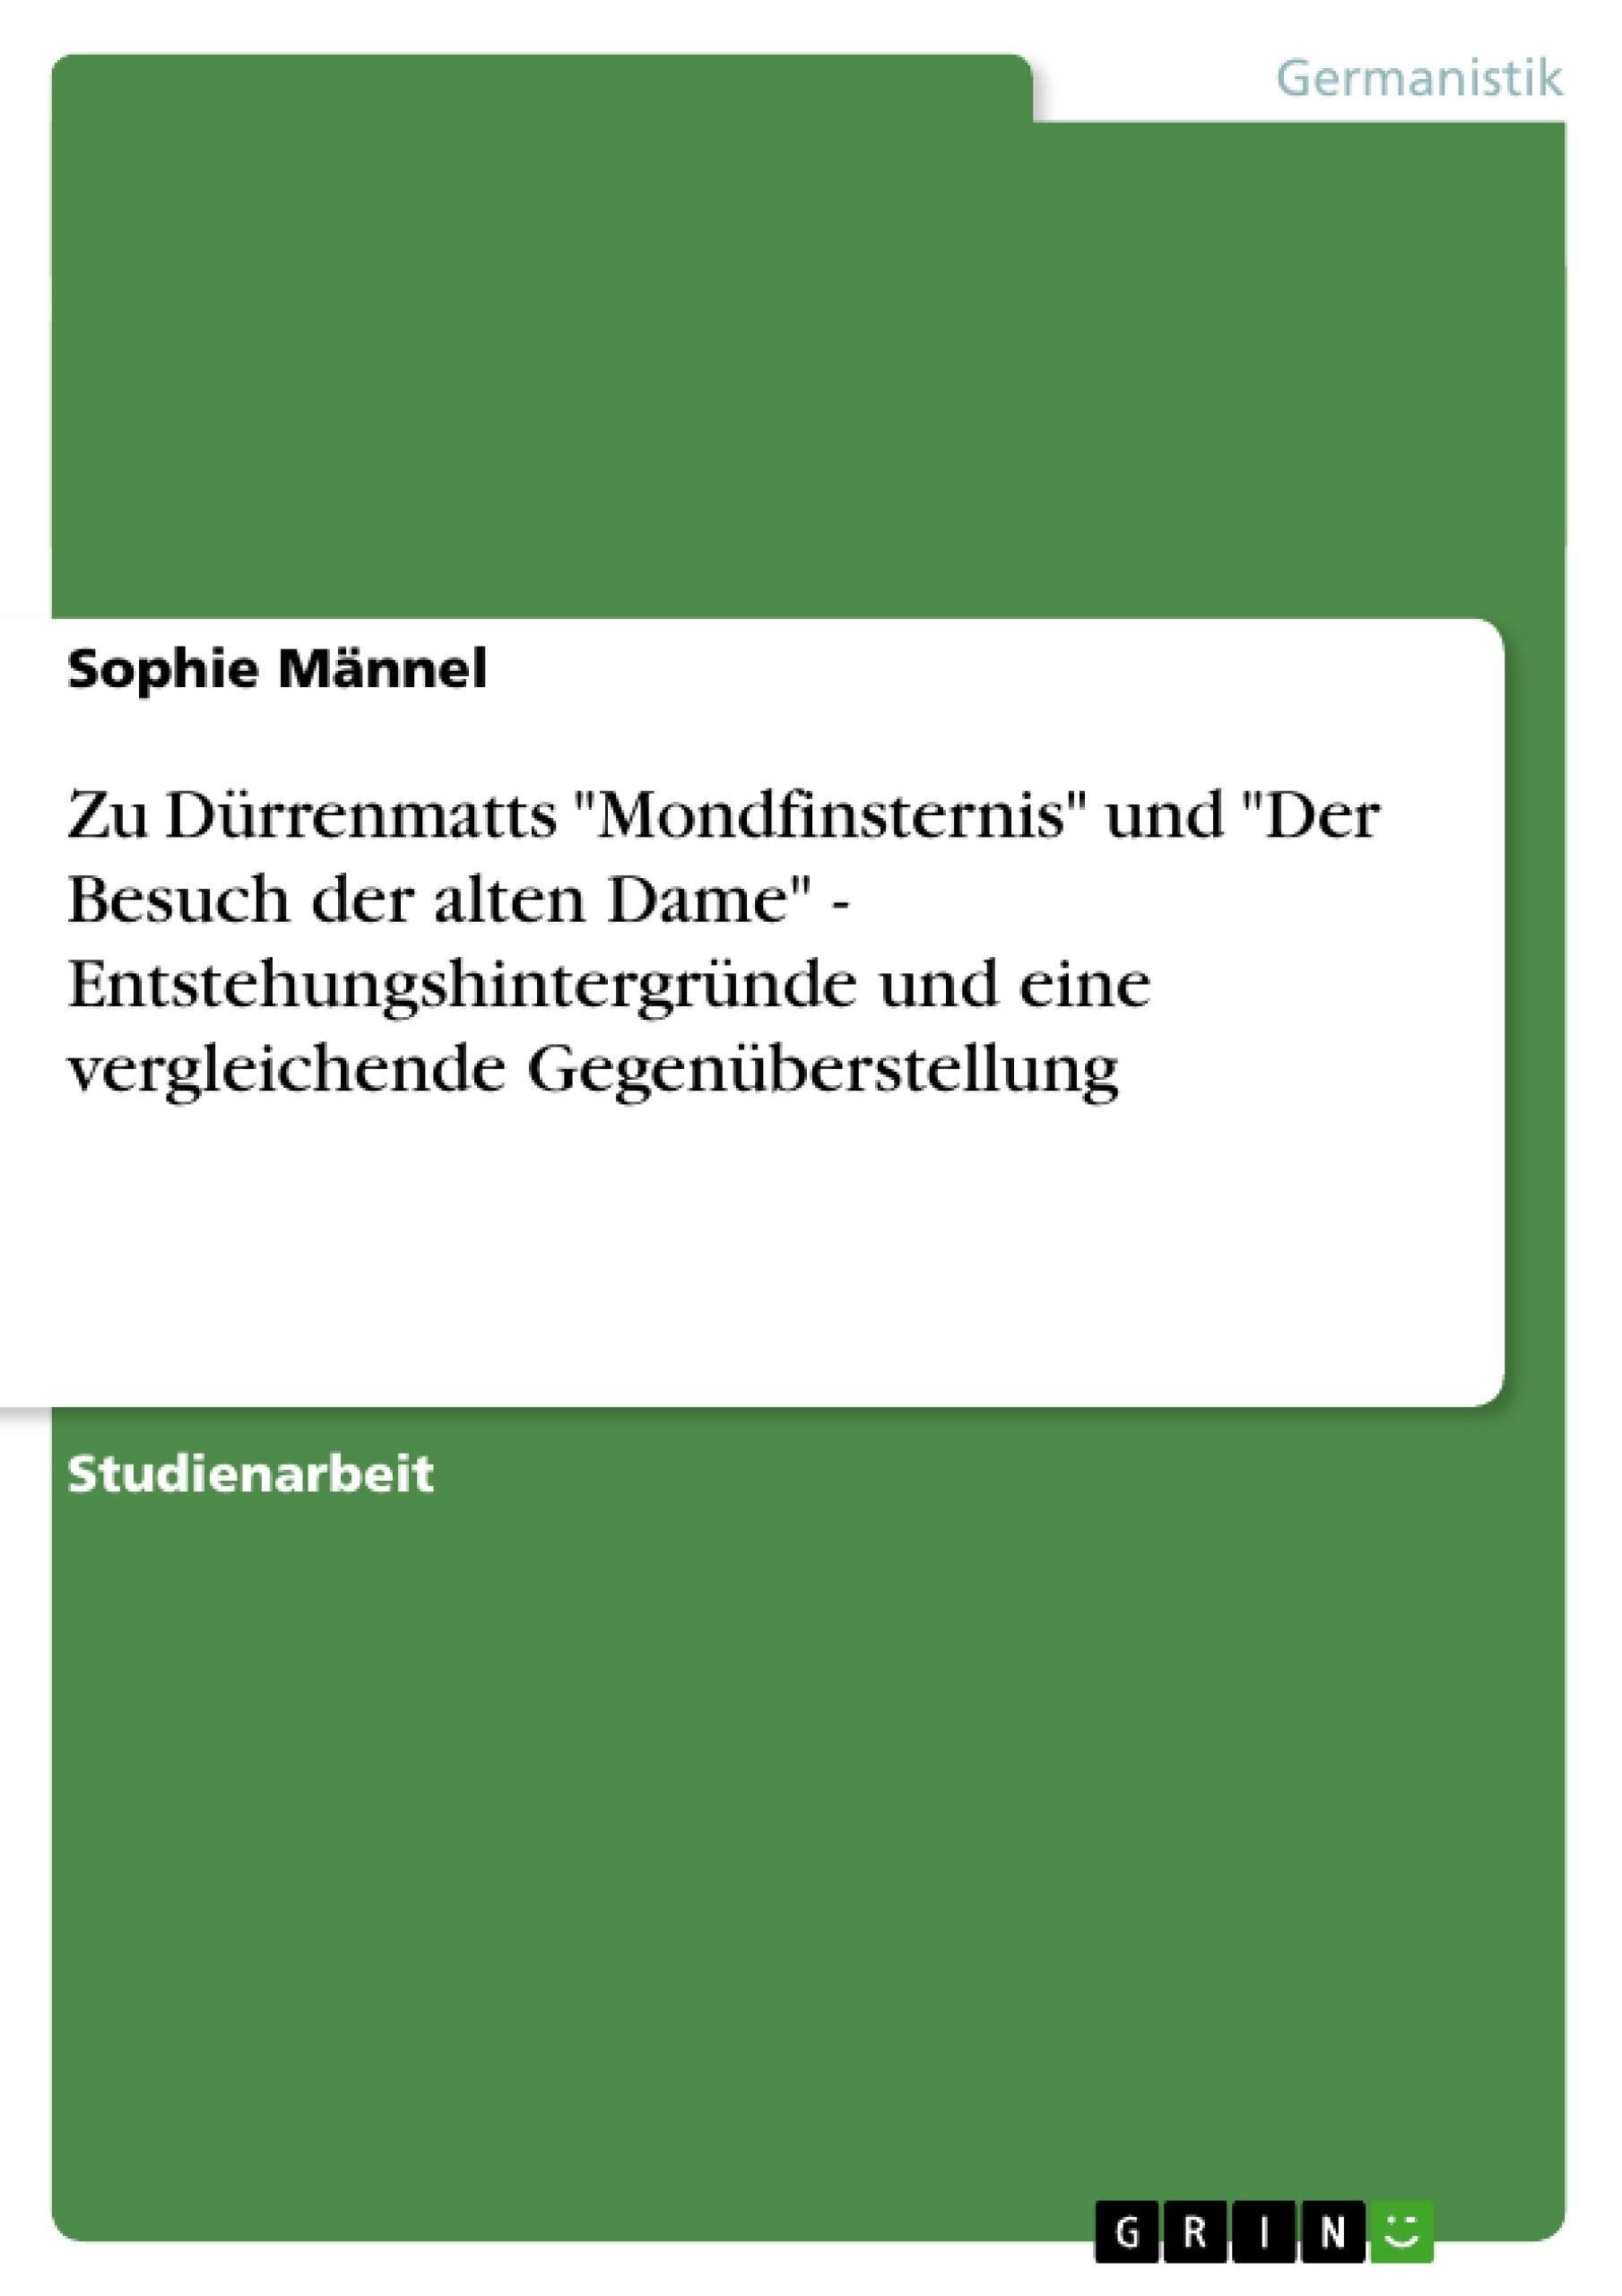 """Titel:  Zu Dürrenmatts """"Mondfinsternis"""" und """"Der Besuch der alten Dame"""" - Entstehungshintergründe und eine vergleichende Gegenüberstellung"""